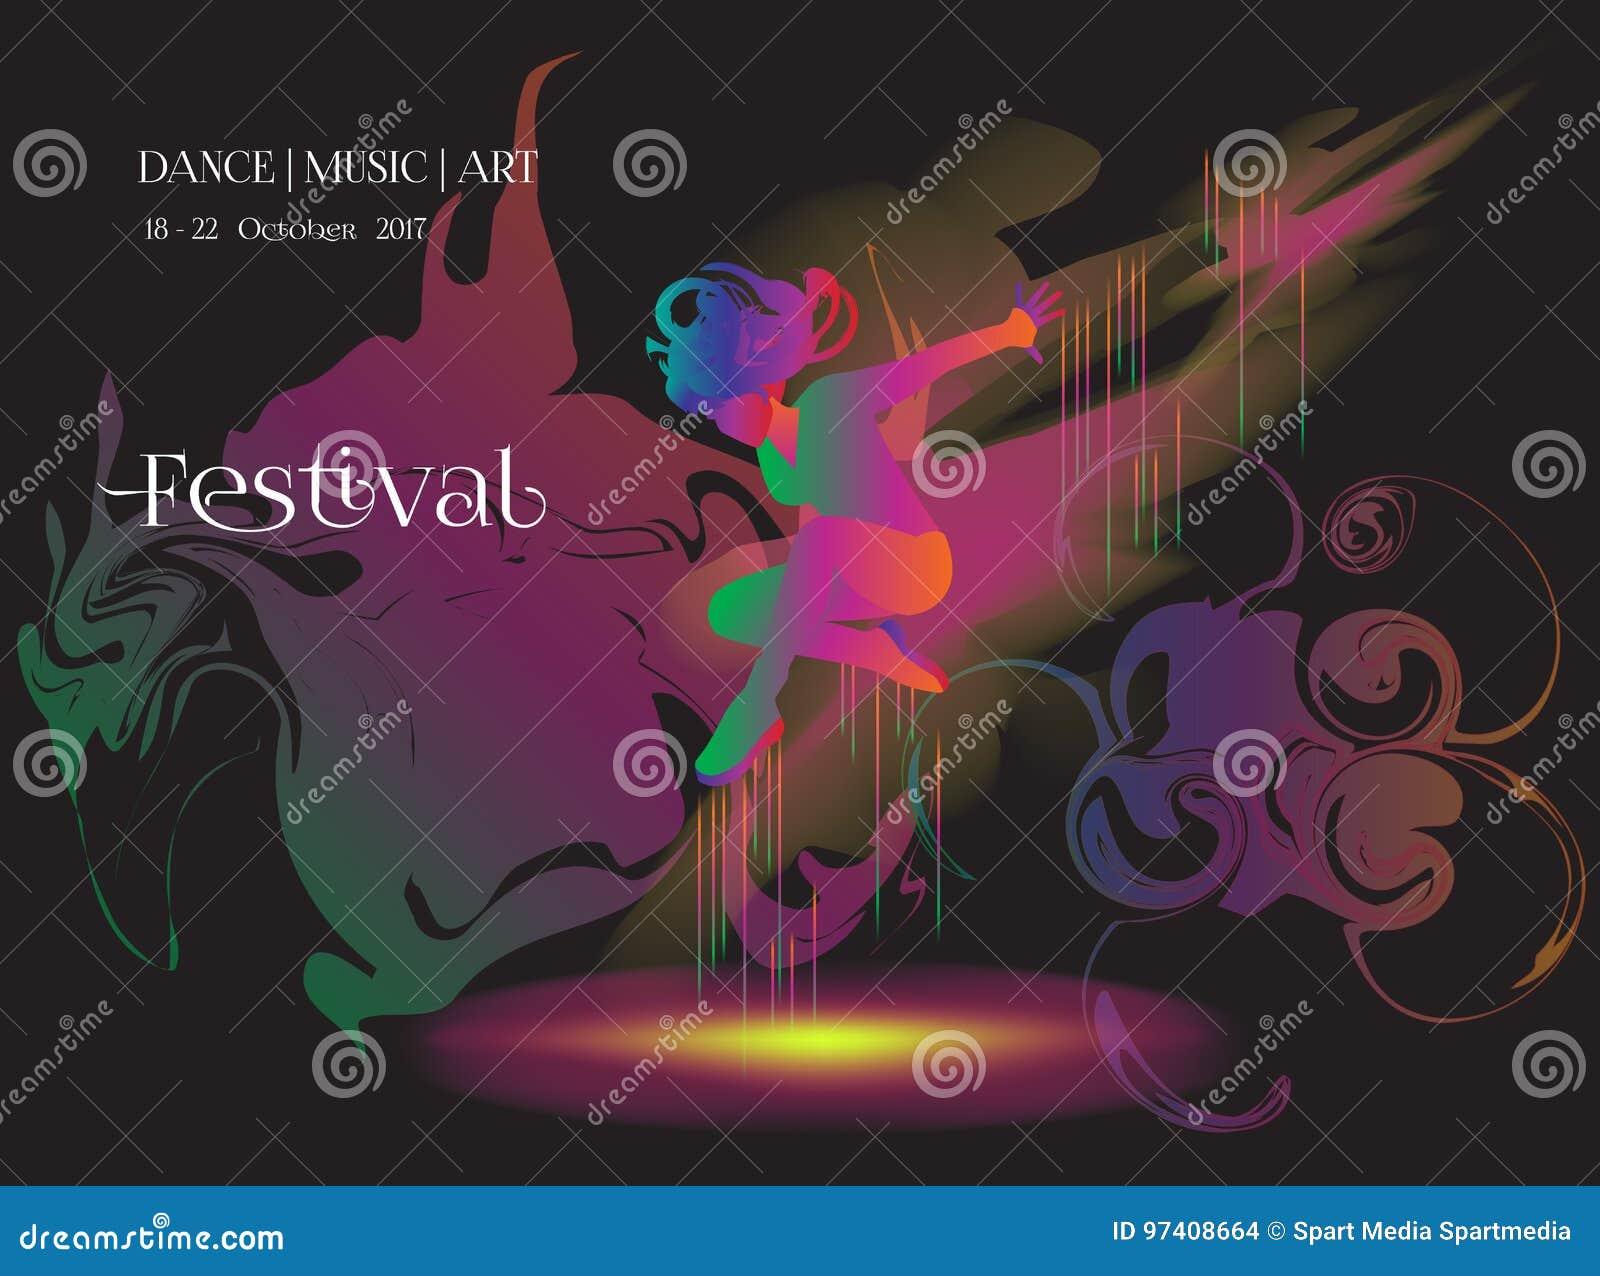 Dance music art stock vector  Illustration of drum, down